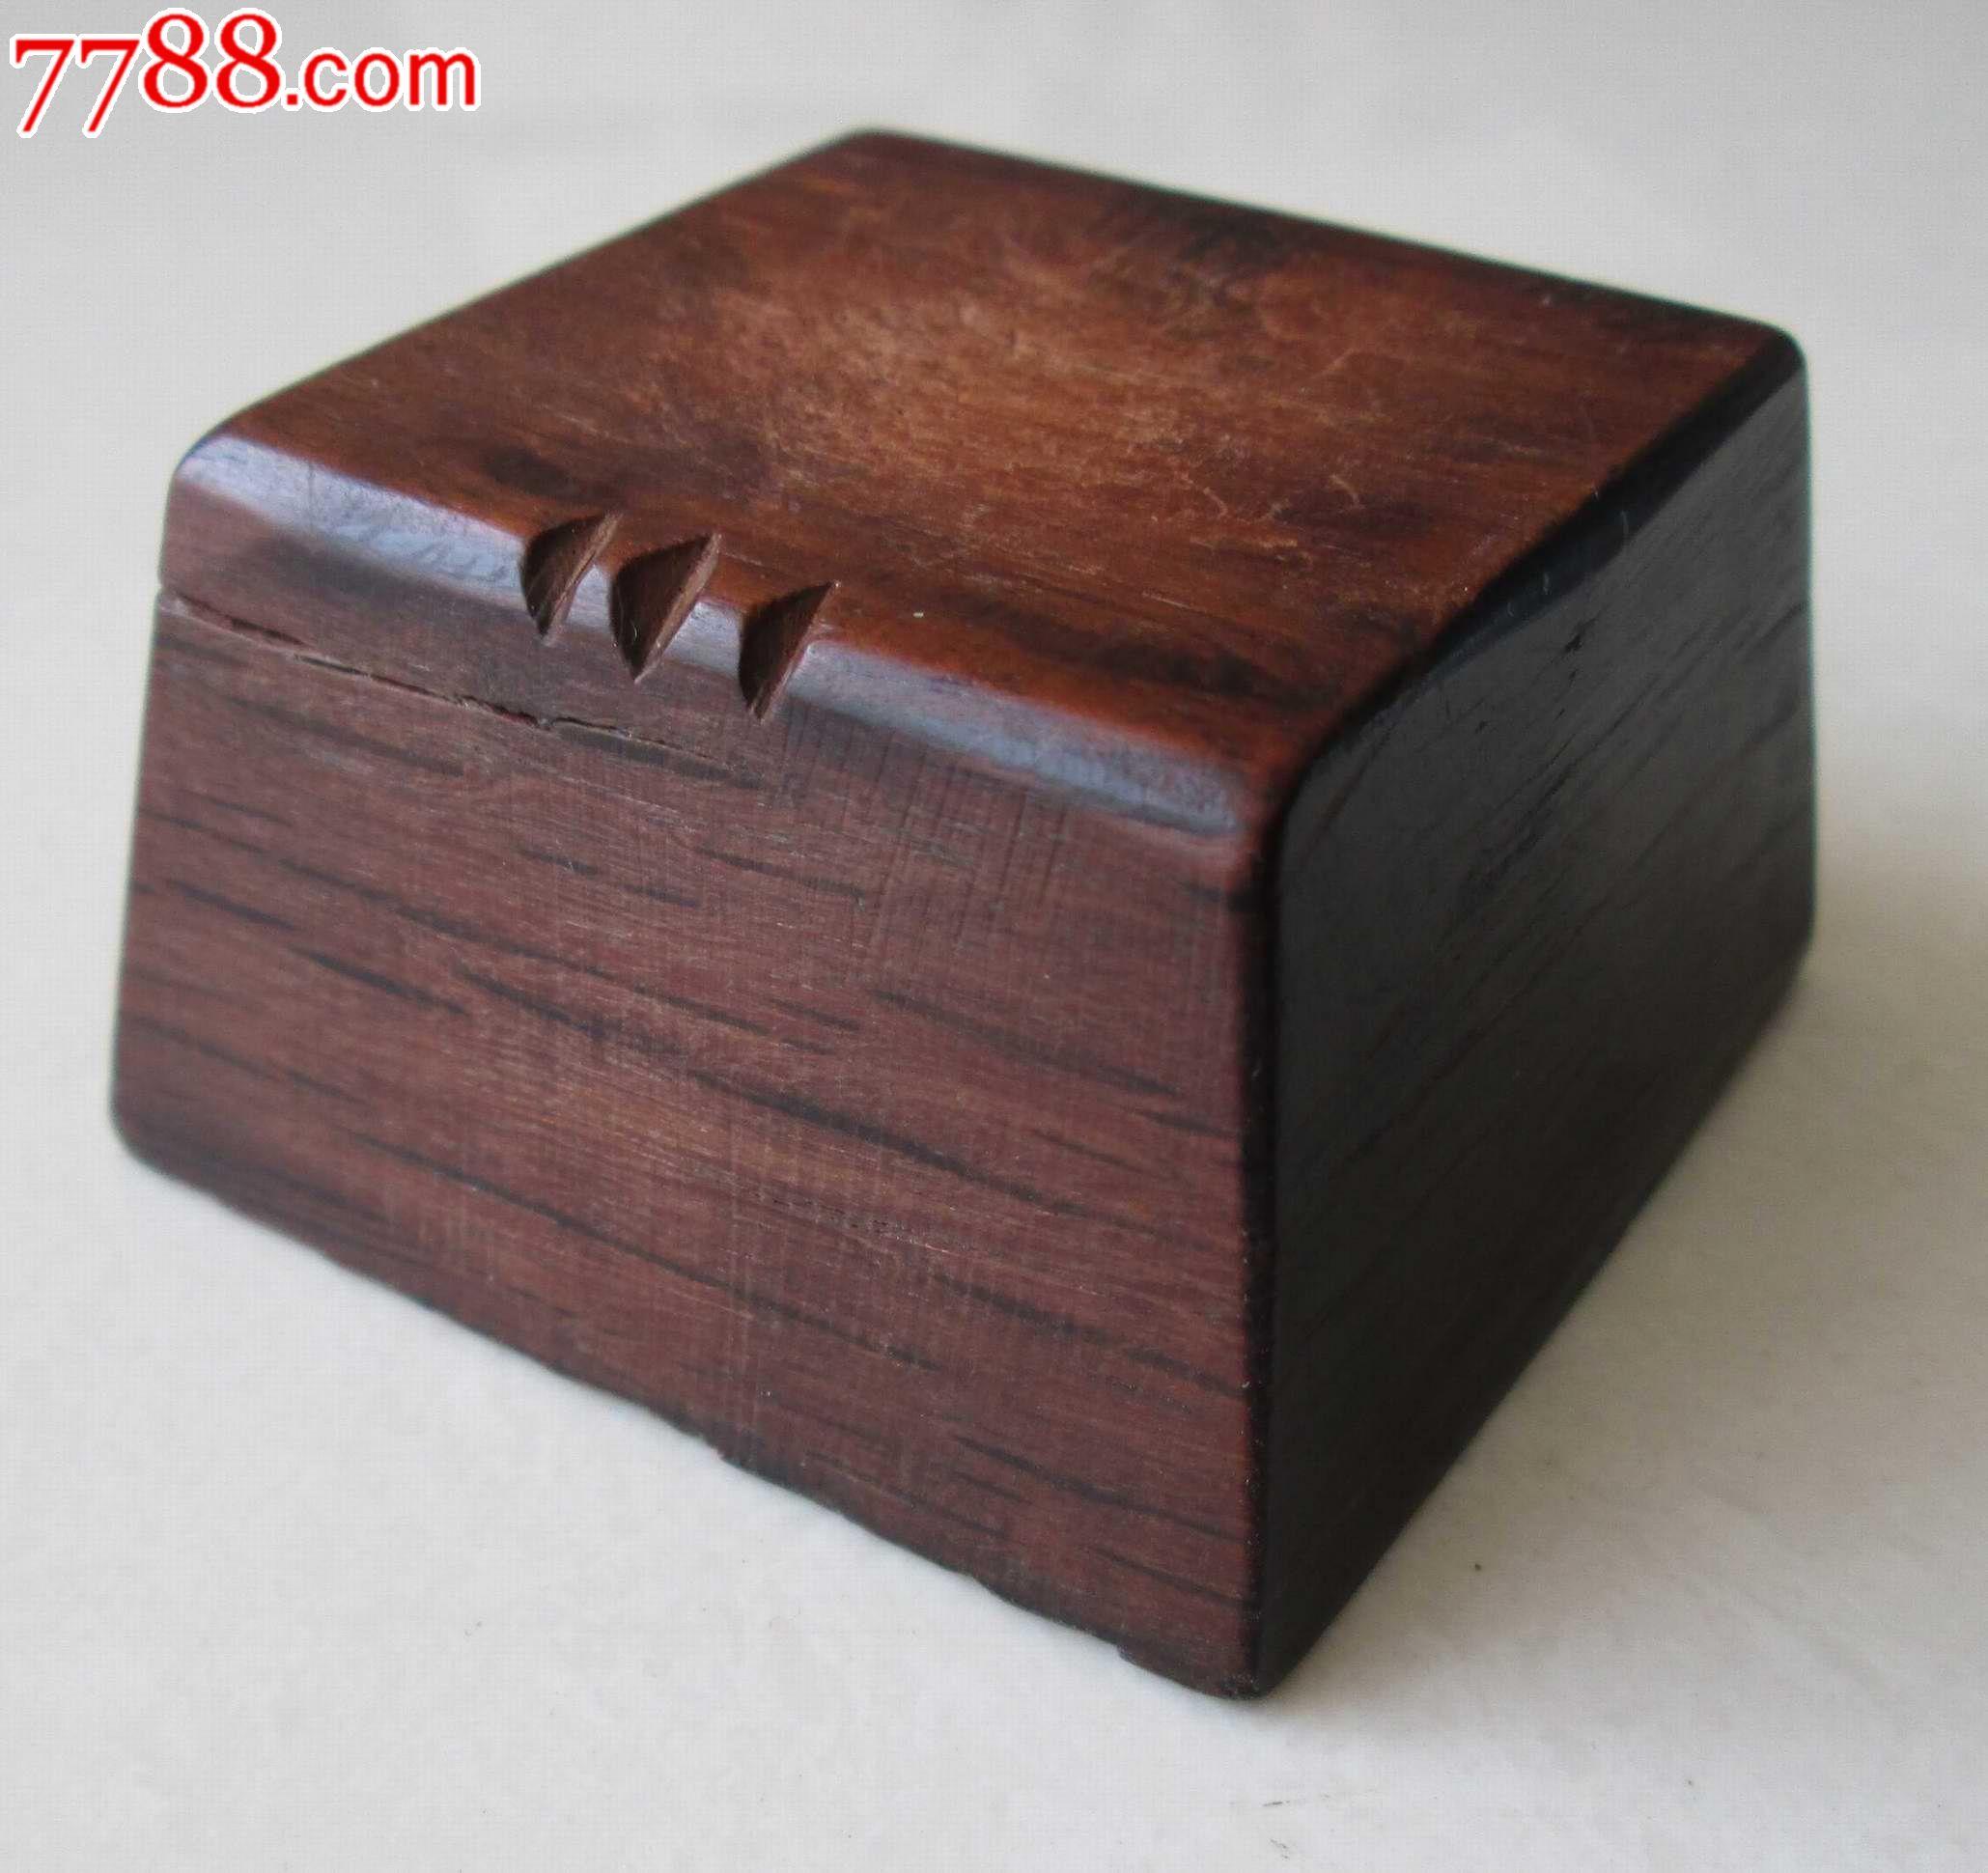 红木赌具,弹宝盒(流行于浙江省嘉善县丁栅一带的一种地方性博彩)